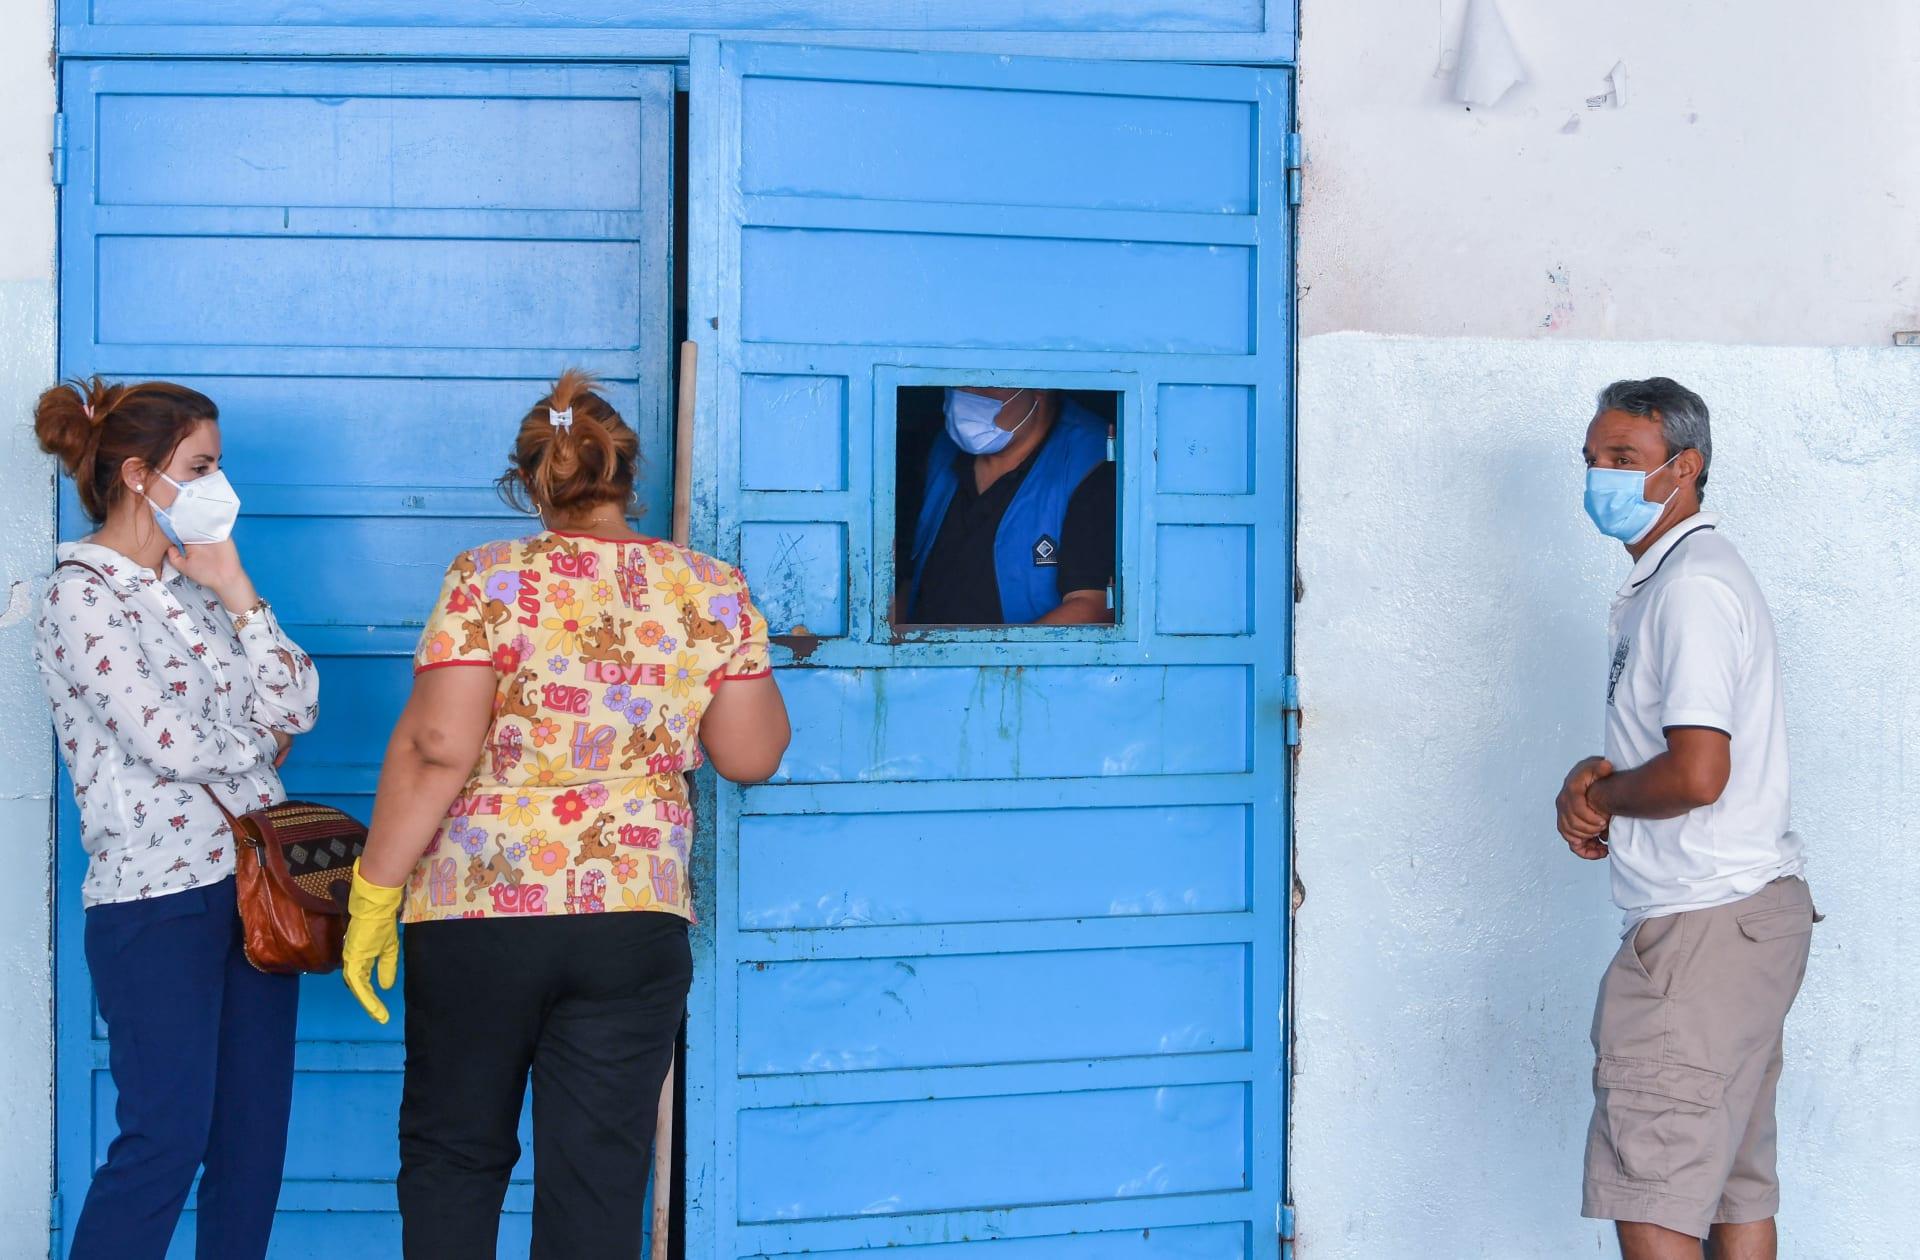 تونسيون ينتظرون خارج غرفة الطوارئ بمستشفى شارل نيكول في العاصمة تونس ، في 16 يوليو 2021 ،